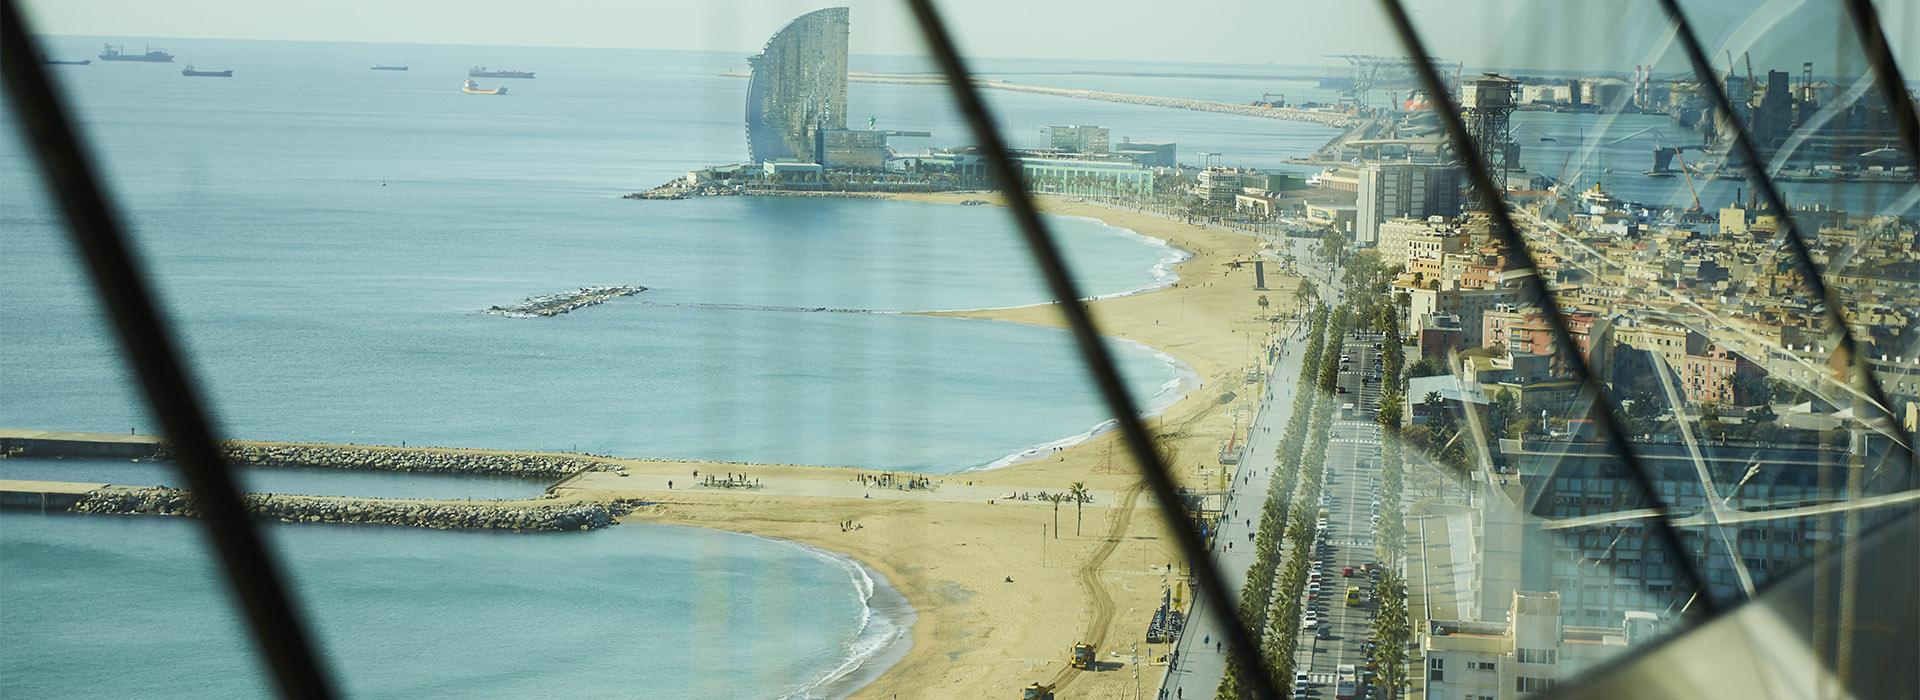 BCN beach through windows 1920x700